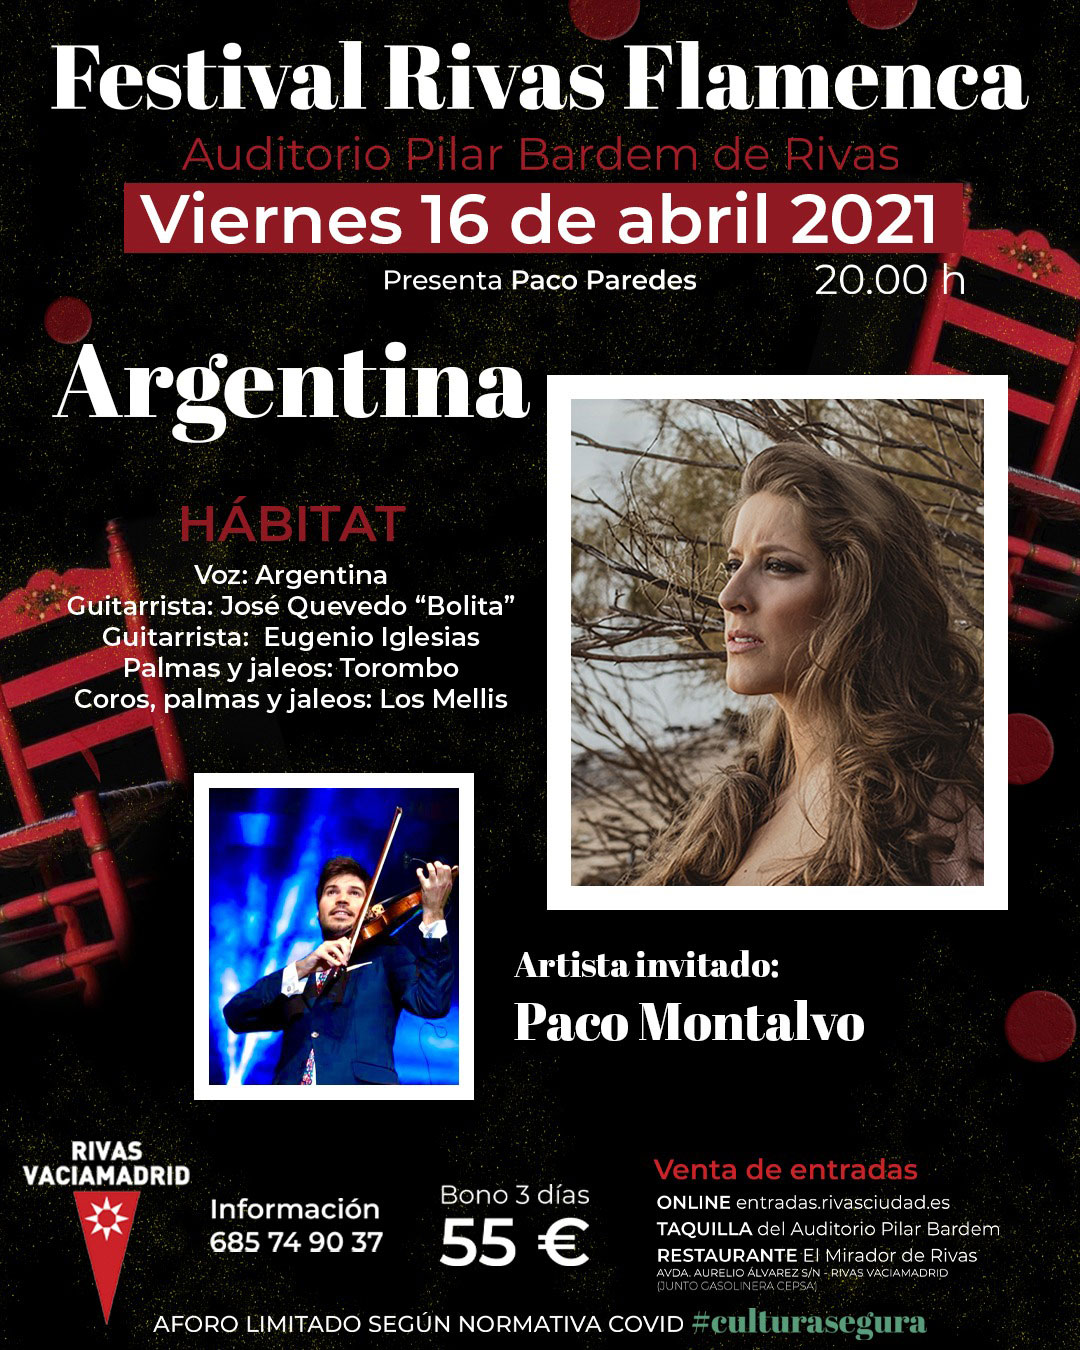 Argentina & Paco Montalvo - Rivas Flamenca